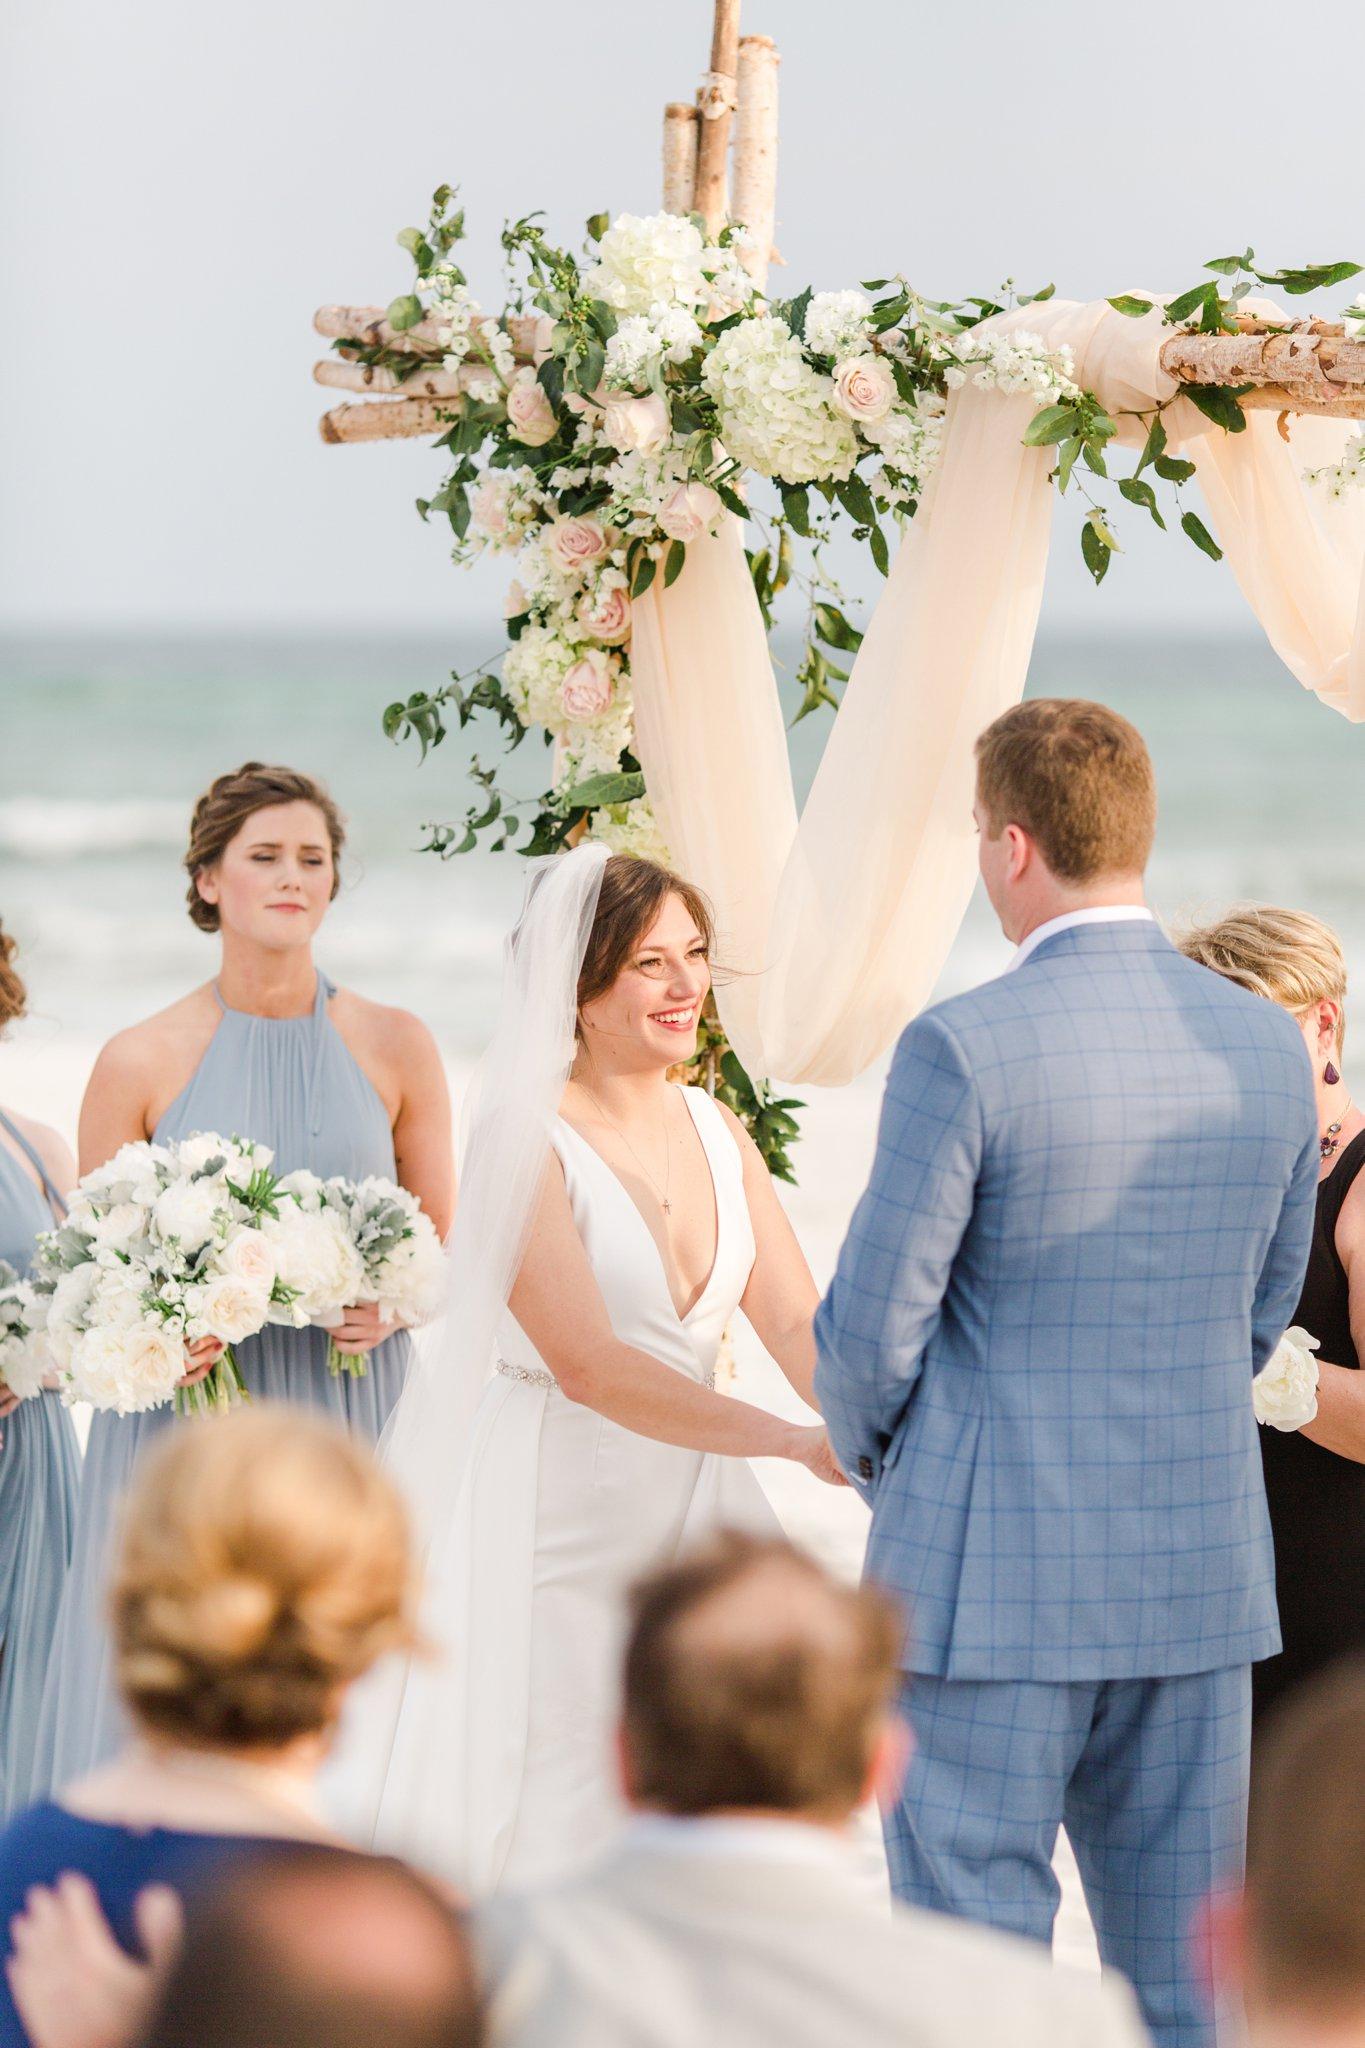 carillon beach wedding photographer shannon griffin photographer_0096.jpg